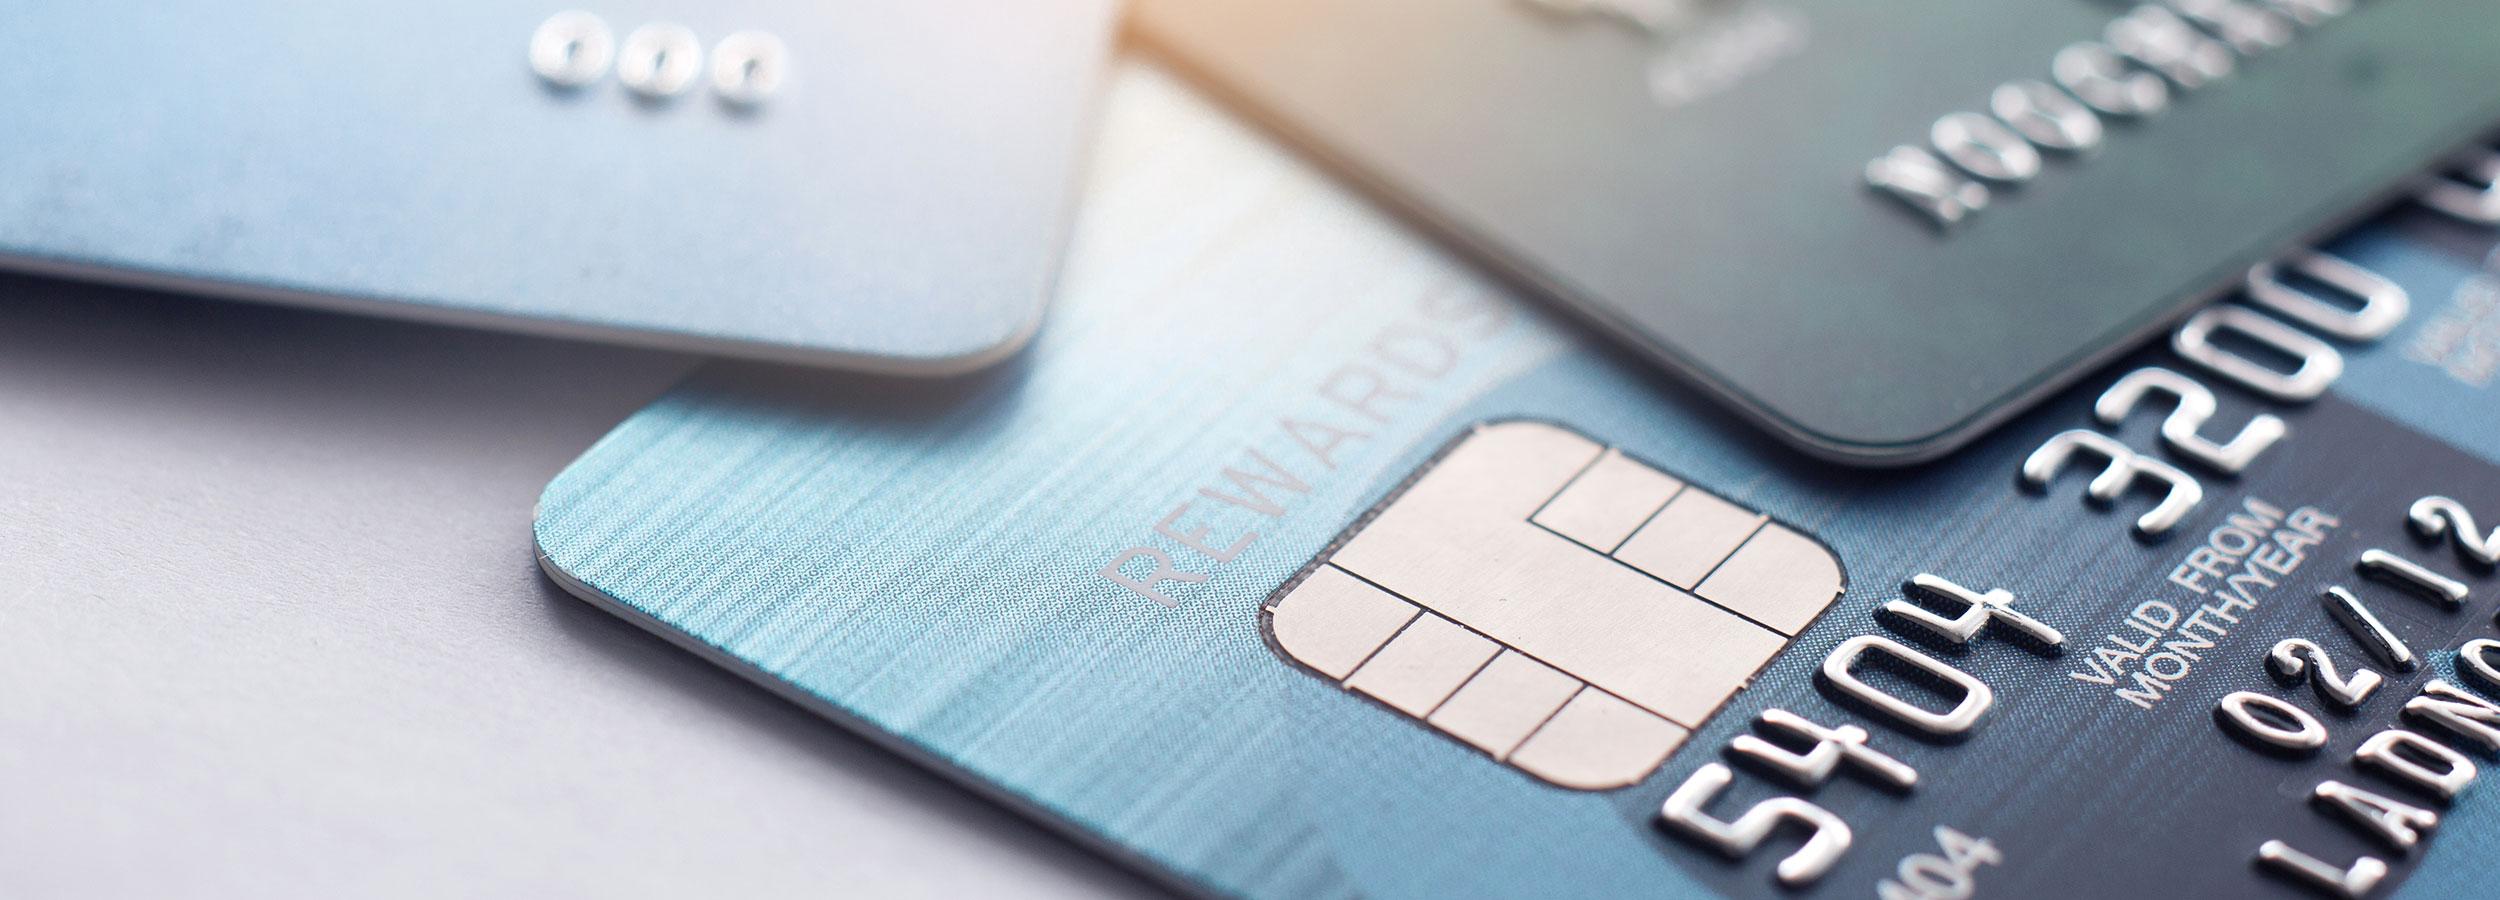 site de rencontre gratuit sans l'utilisation de la carte de crédit